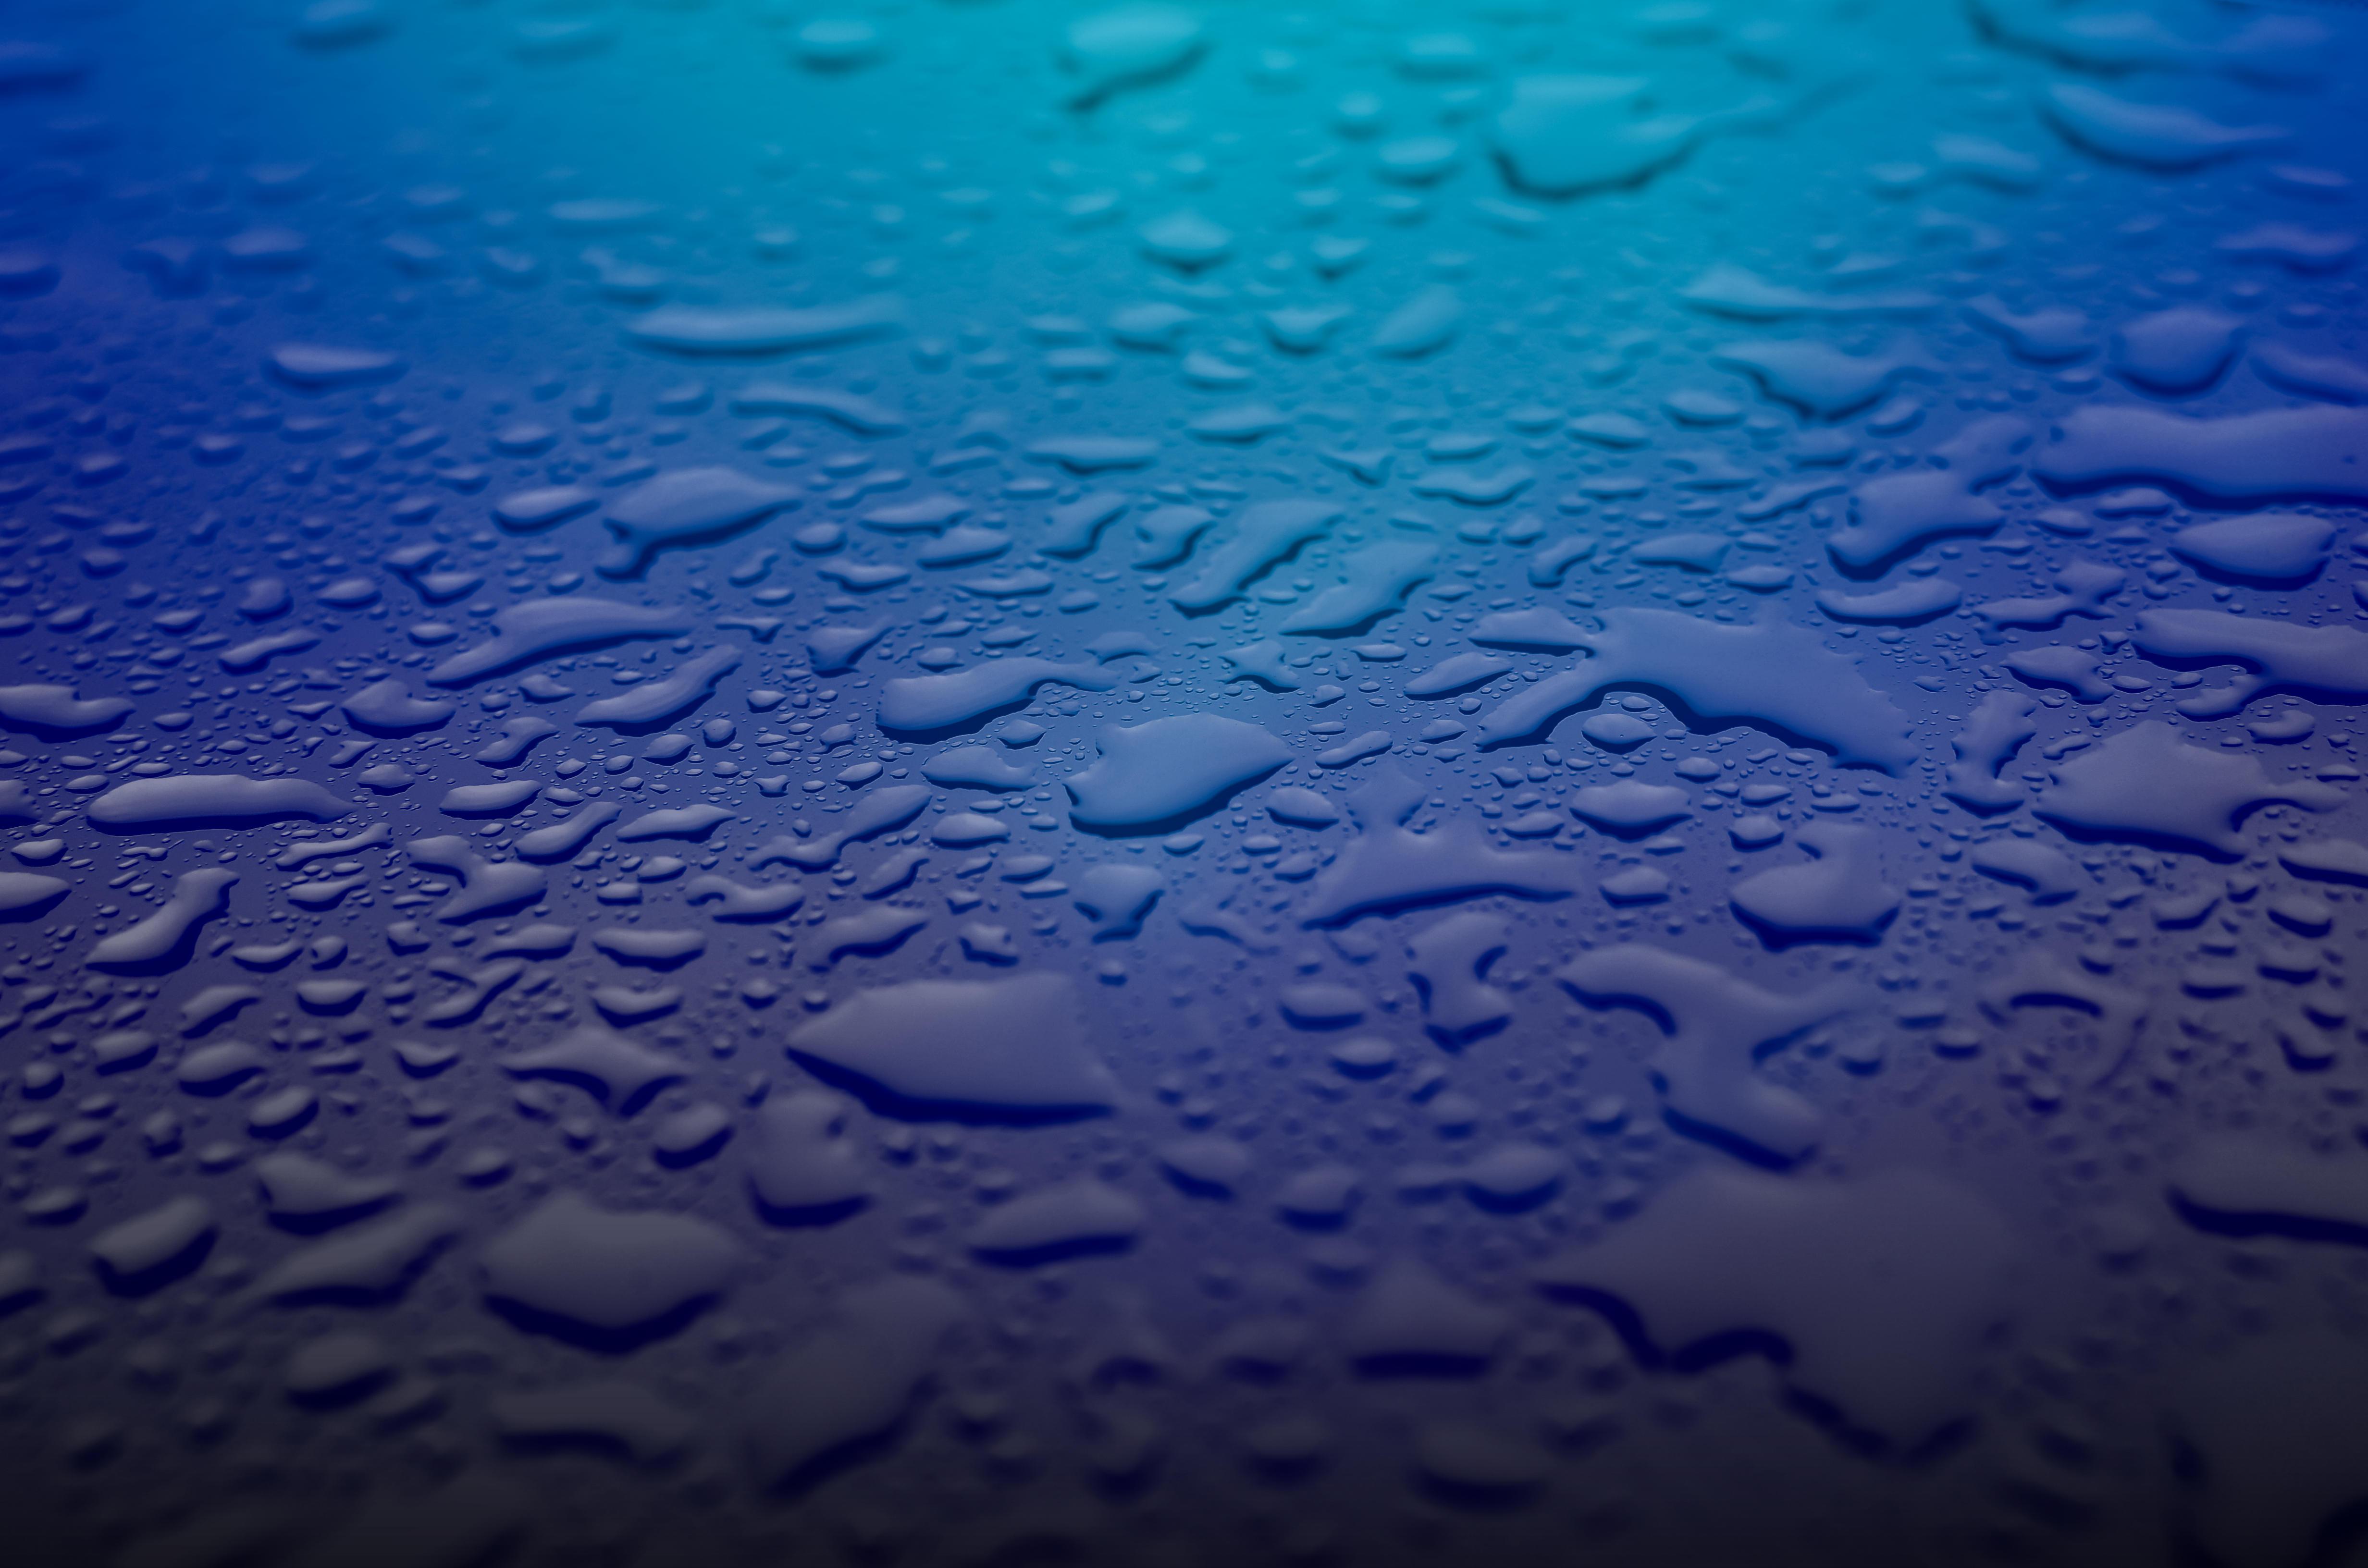 10.0/trisquel-wallpapers/data/usr/share/backgrounds/flidas-blue.jpg